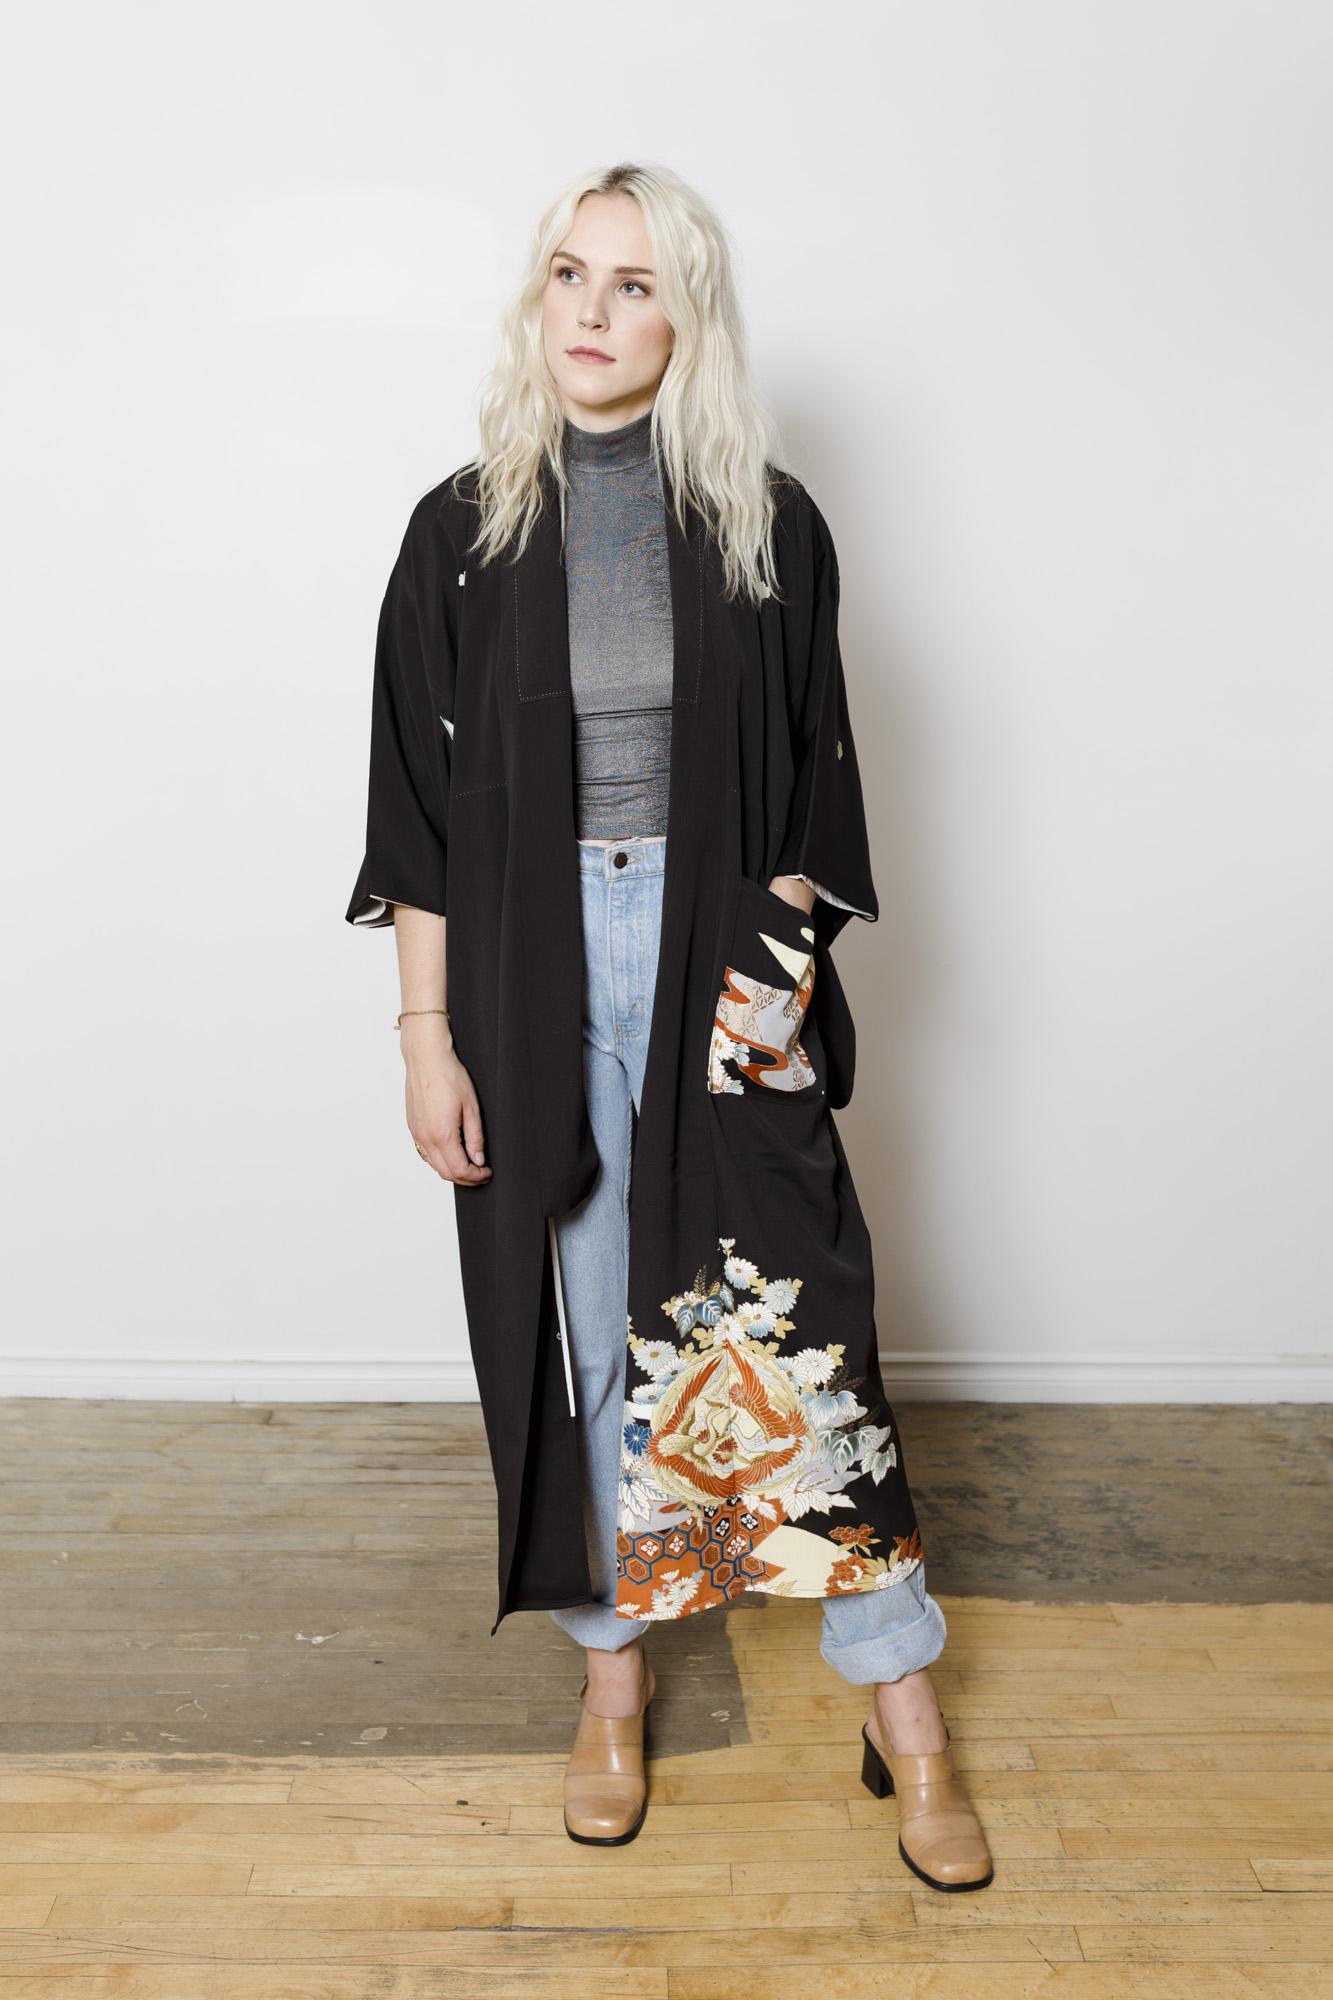 Kimono_2018-07-09_141.jpg